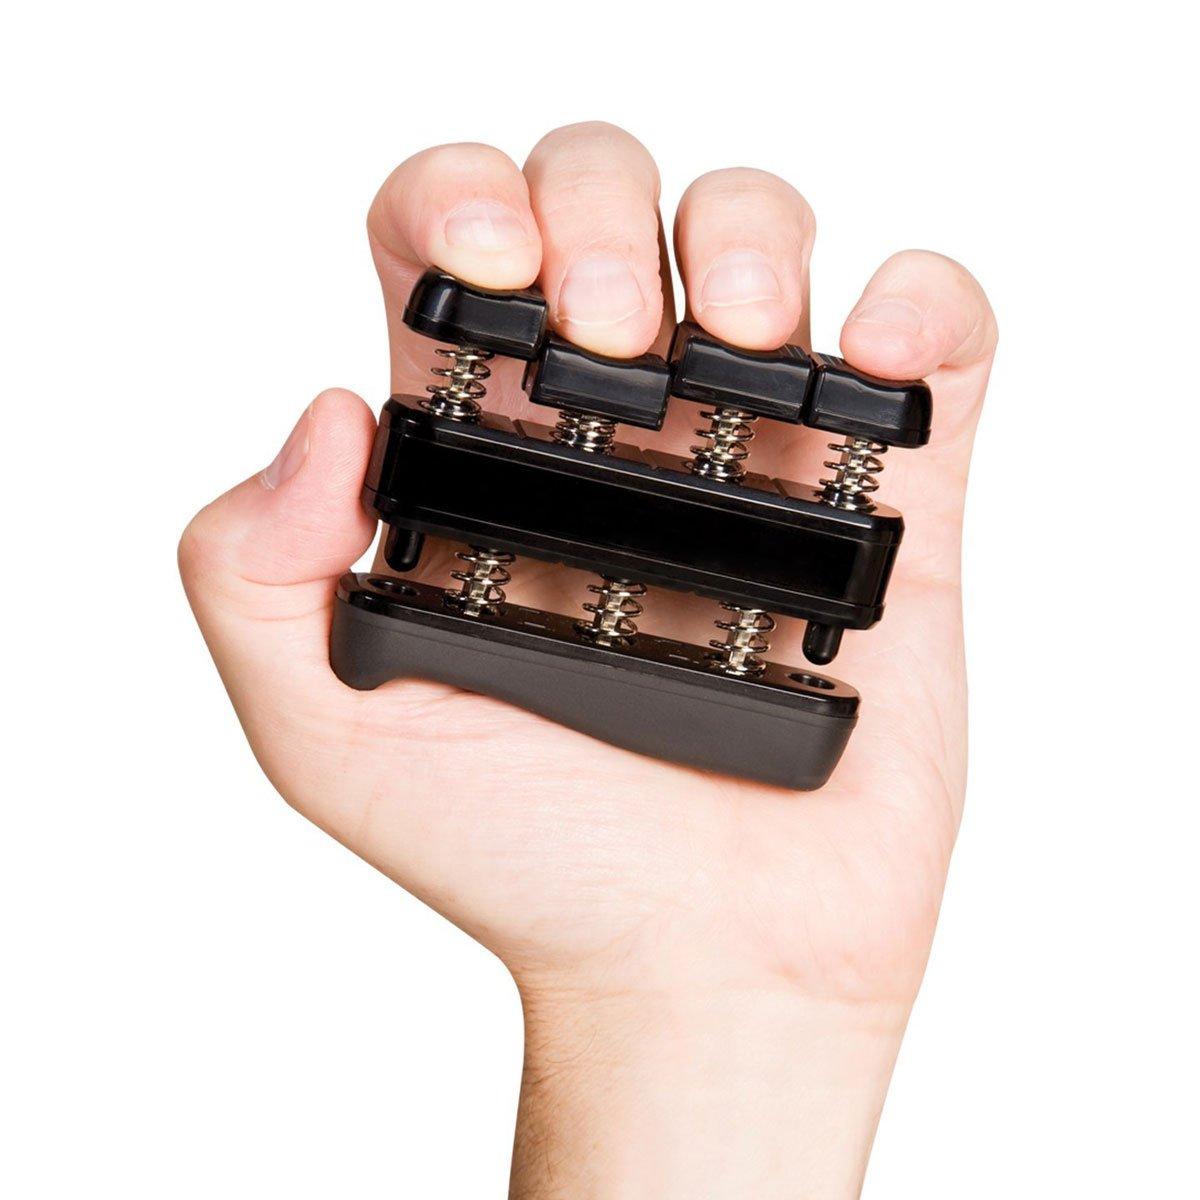 2098/5000 Ejercitador de mano ajustable Fortalecedor de agarre de mano Antebrazo y equipo de ejercicio de fuerza de dedo Fortalezas de dedo de guitarra y agarre de escalada Entrenamiento Terapia ocupacional y física, pensamiento y estrés